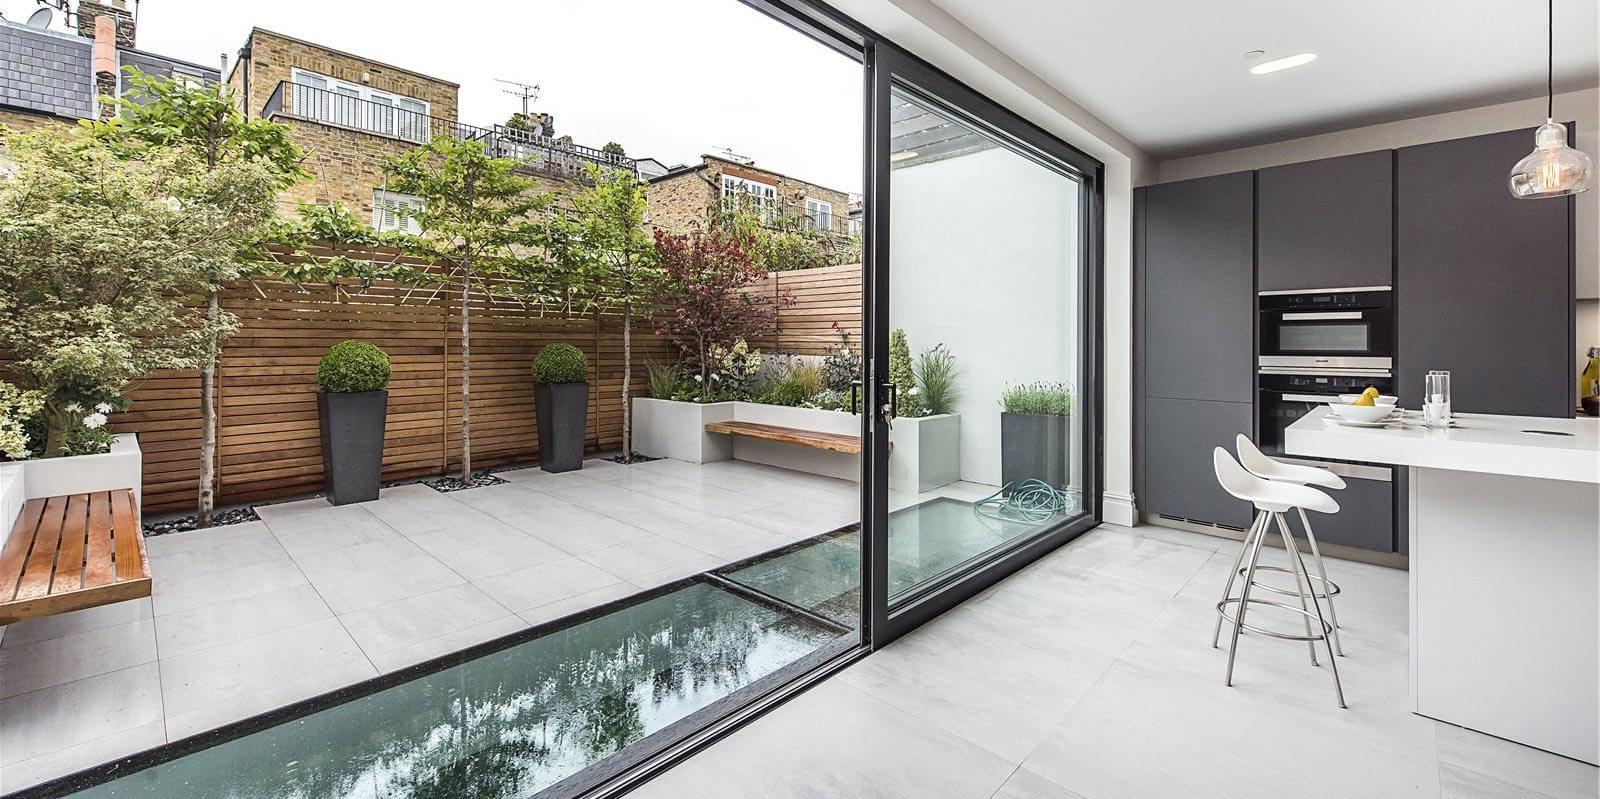 Une extension latérale peut convenir à condition de ne pas dépasser la hauteur de la propriété existante.